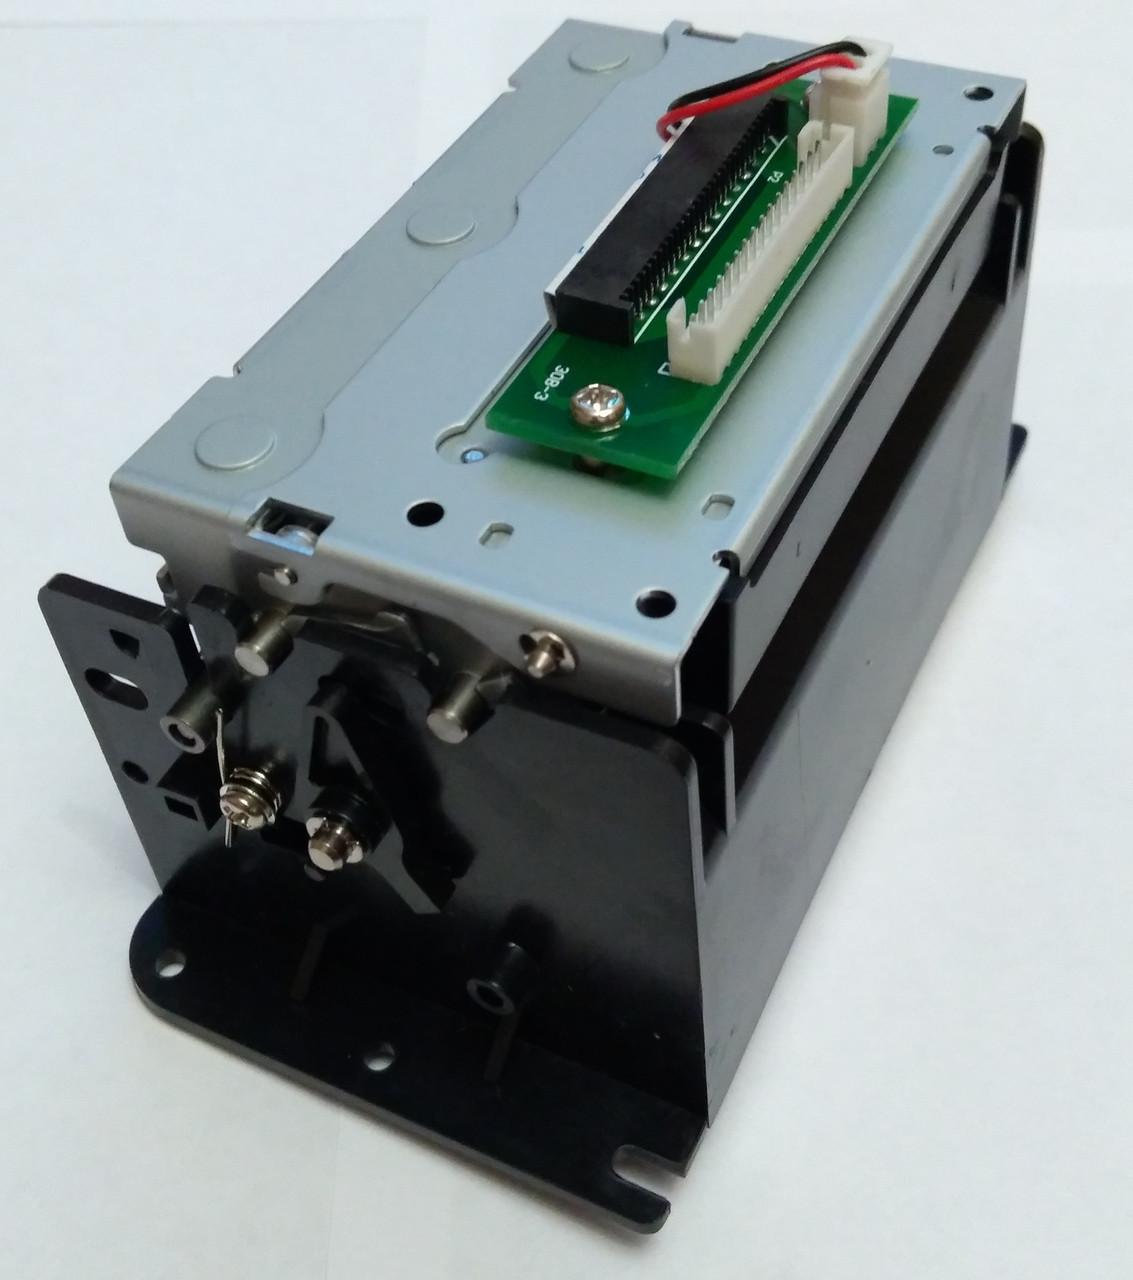 КОМПЛЕКТ Печатающая головка + Механизм протяжки ленты для принтера этикеток Xprinter XP-360B